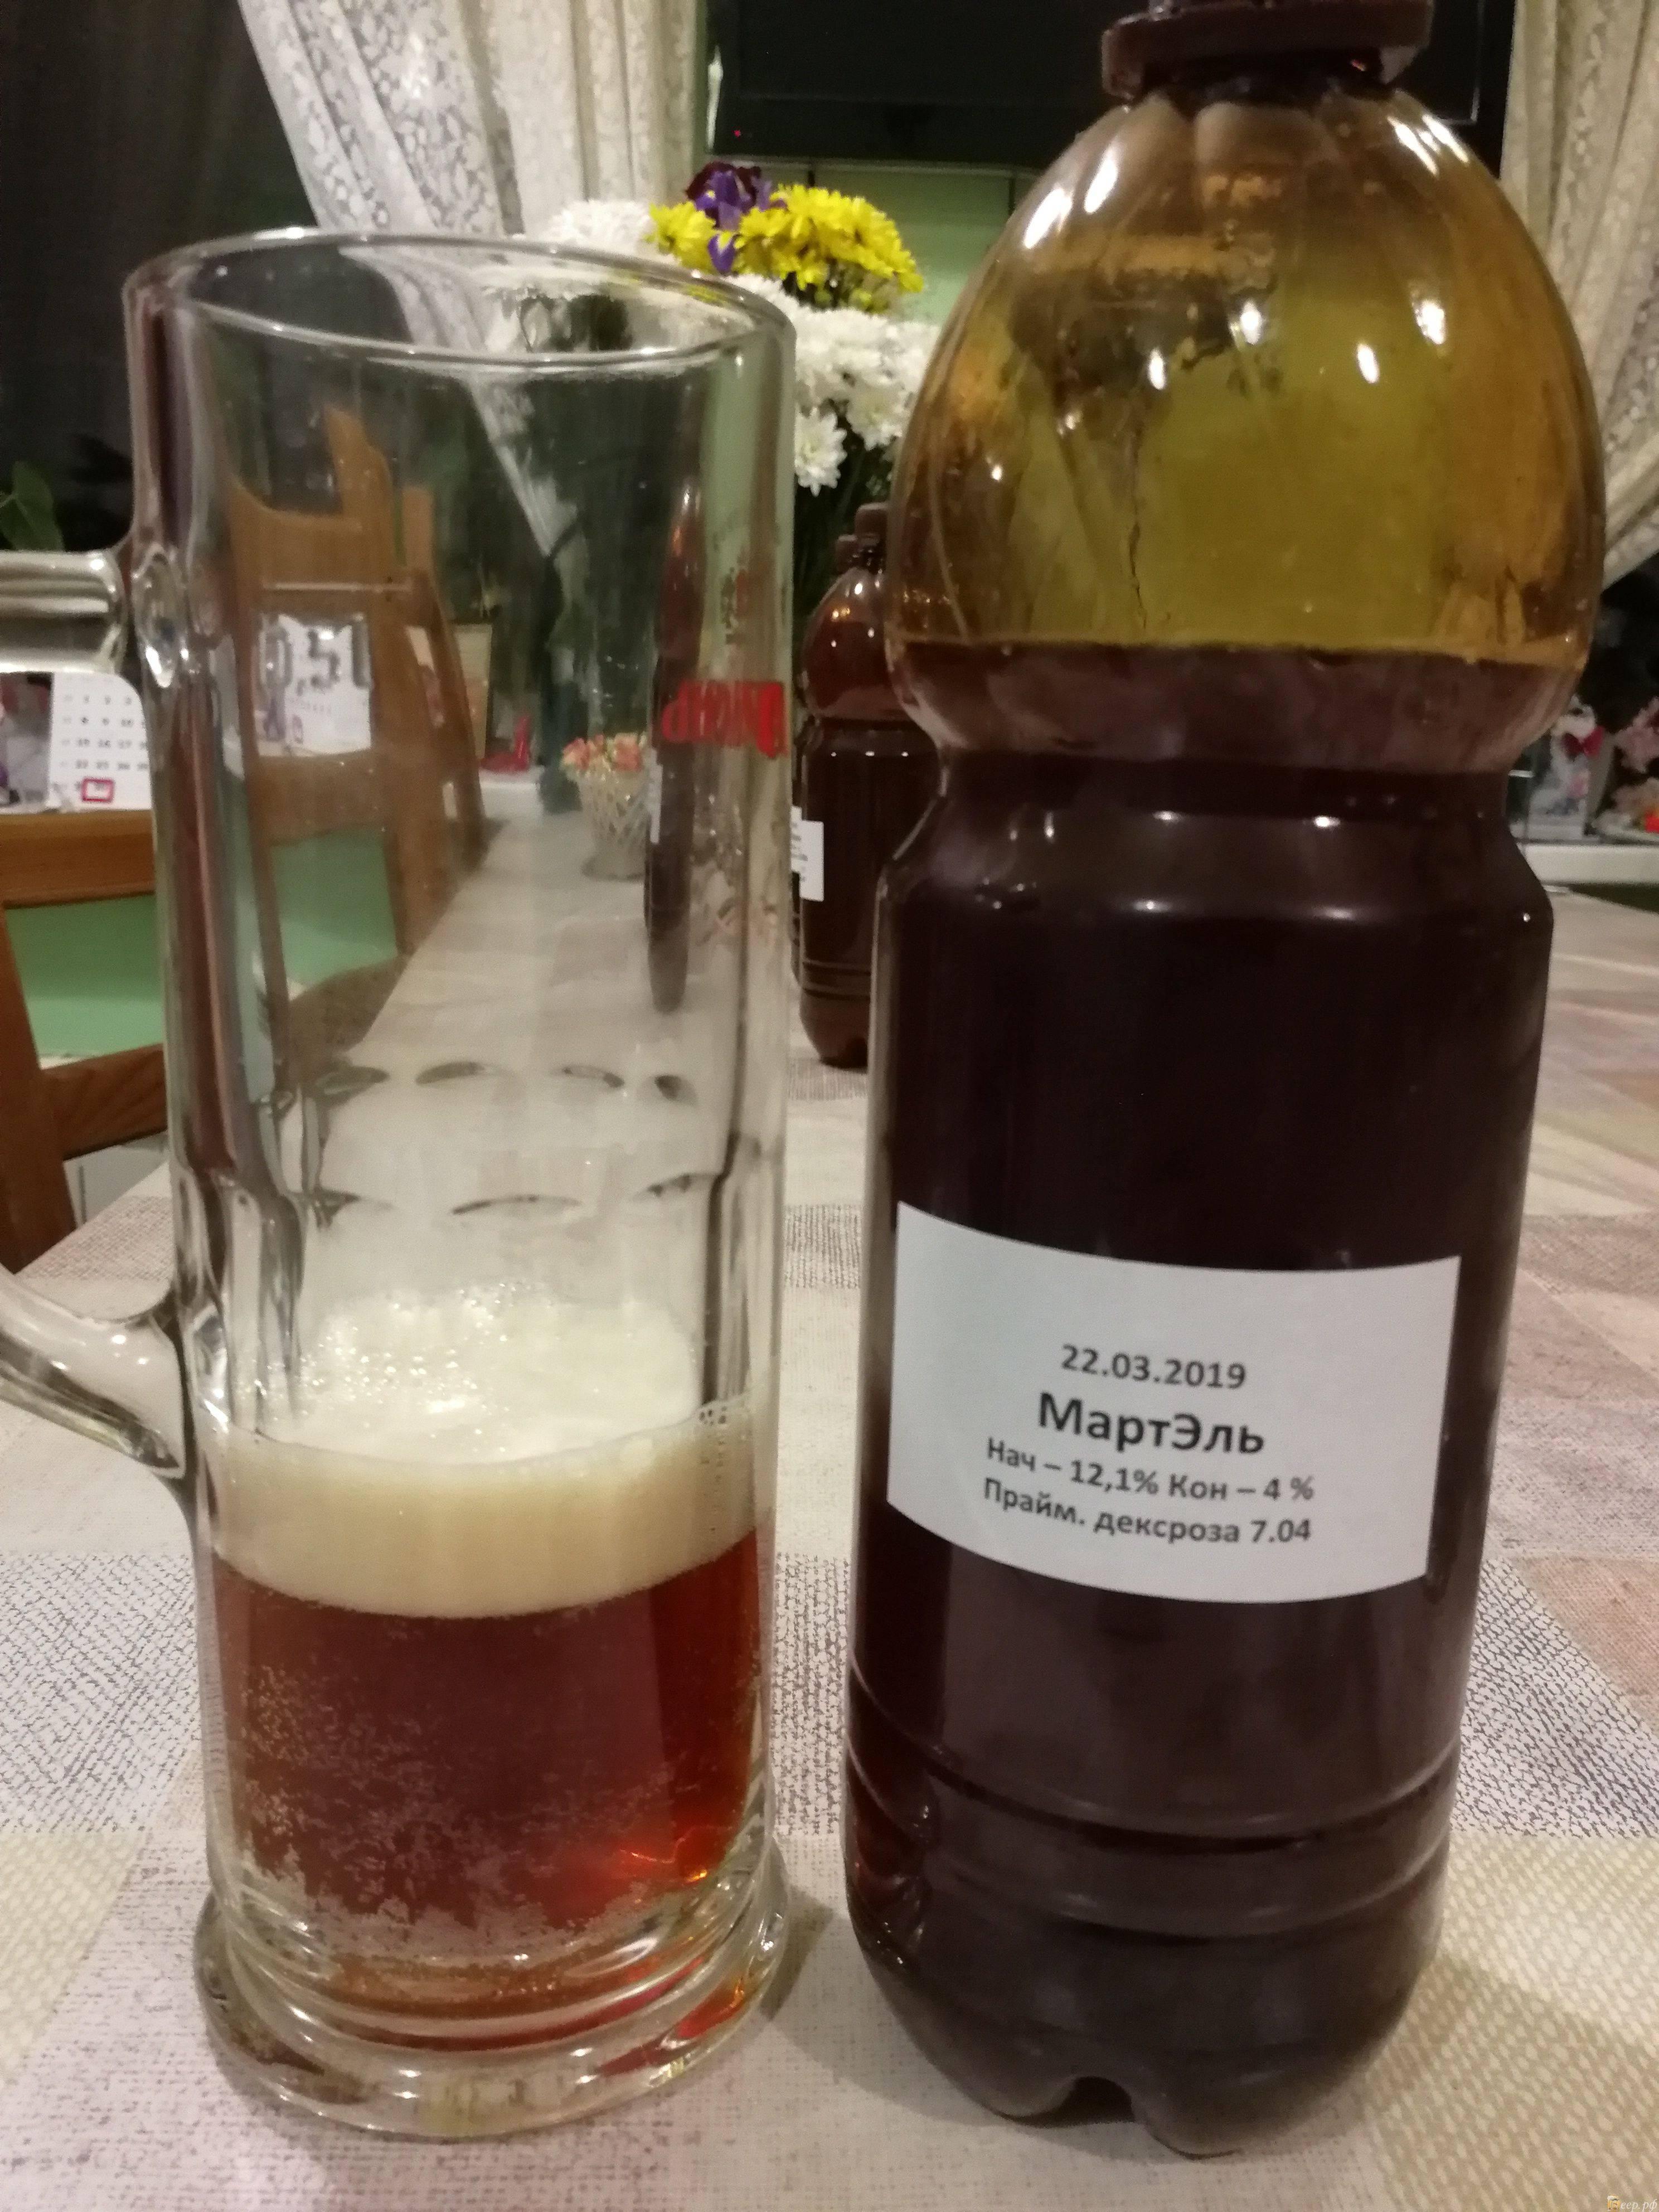 Сколько бродит пшеничное пиво — история алкоголя